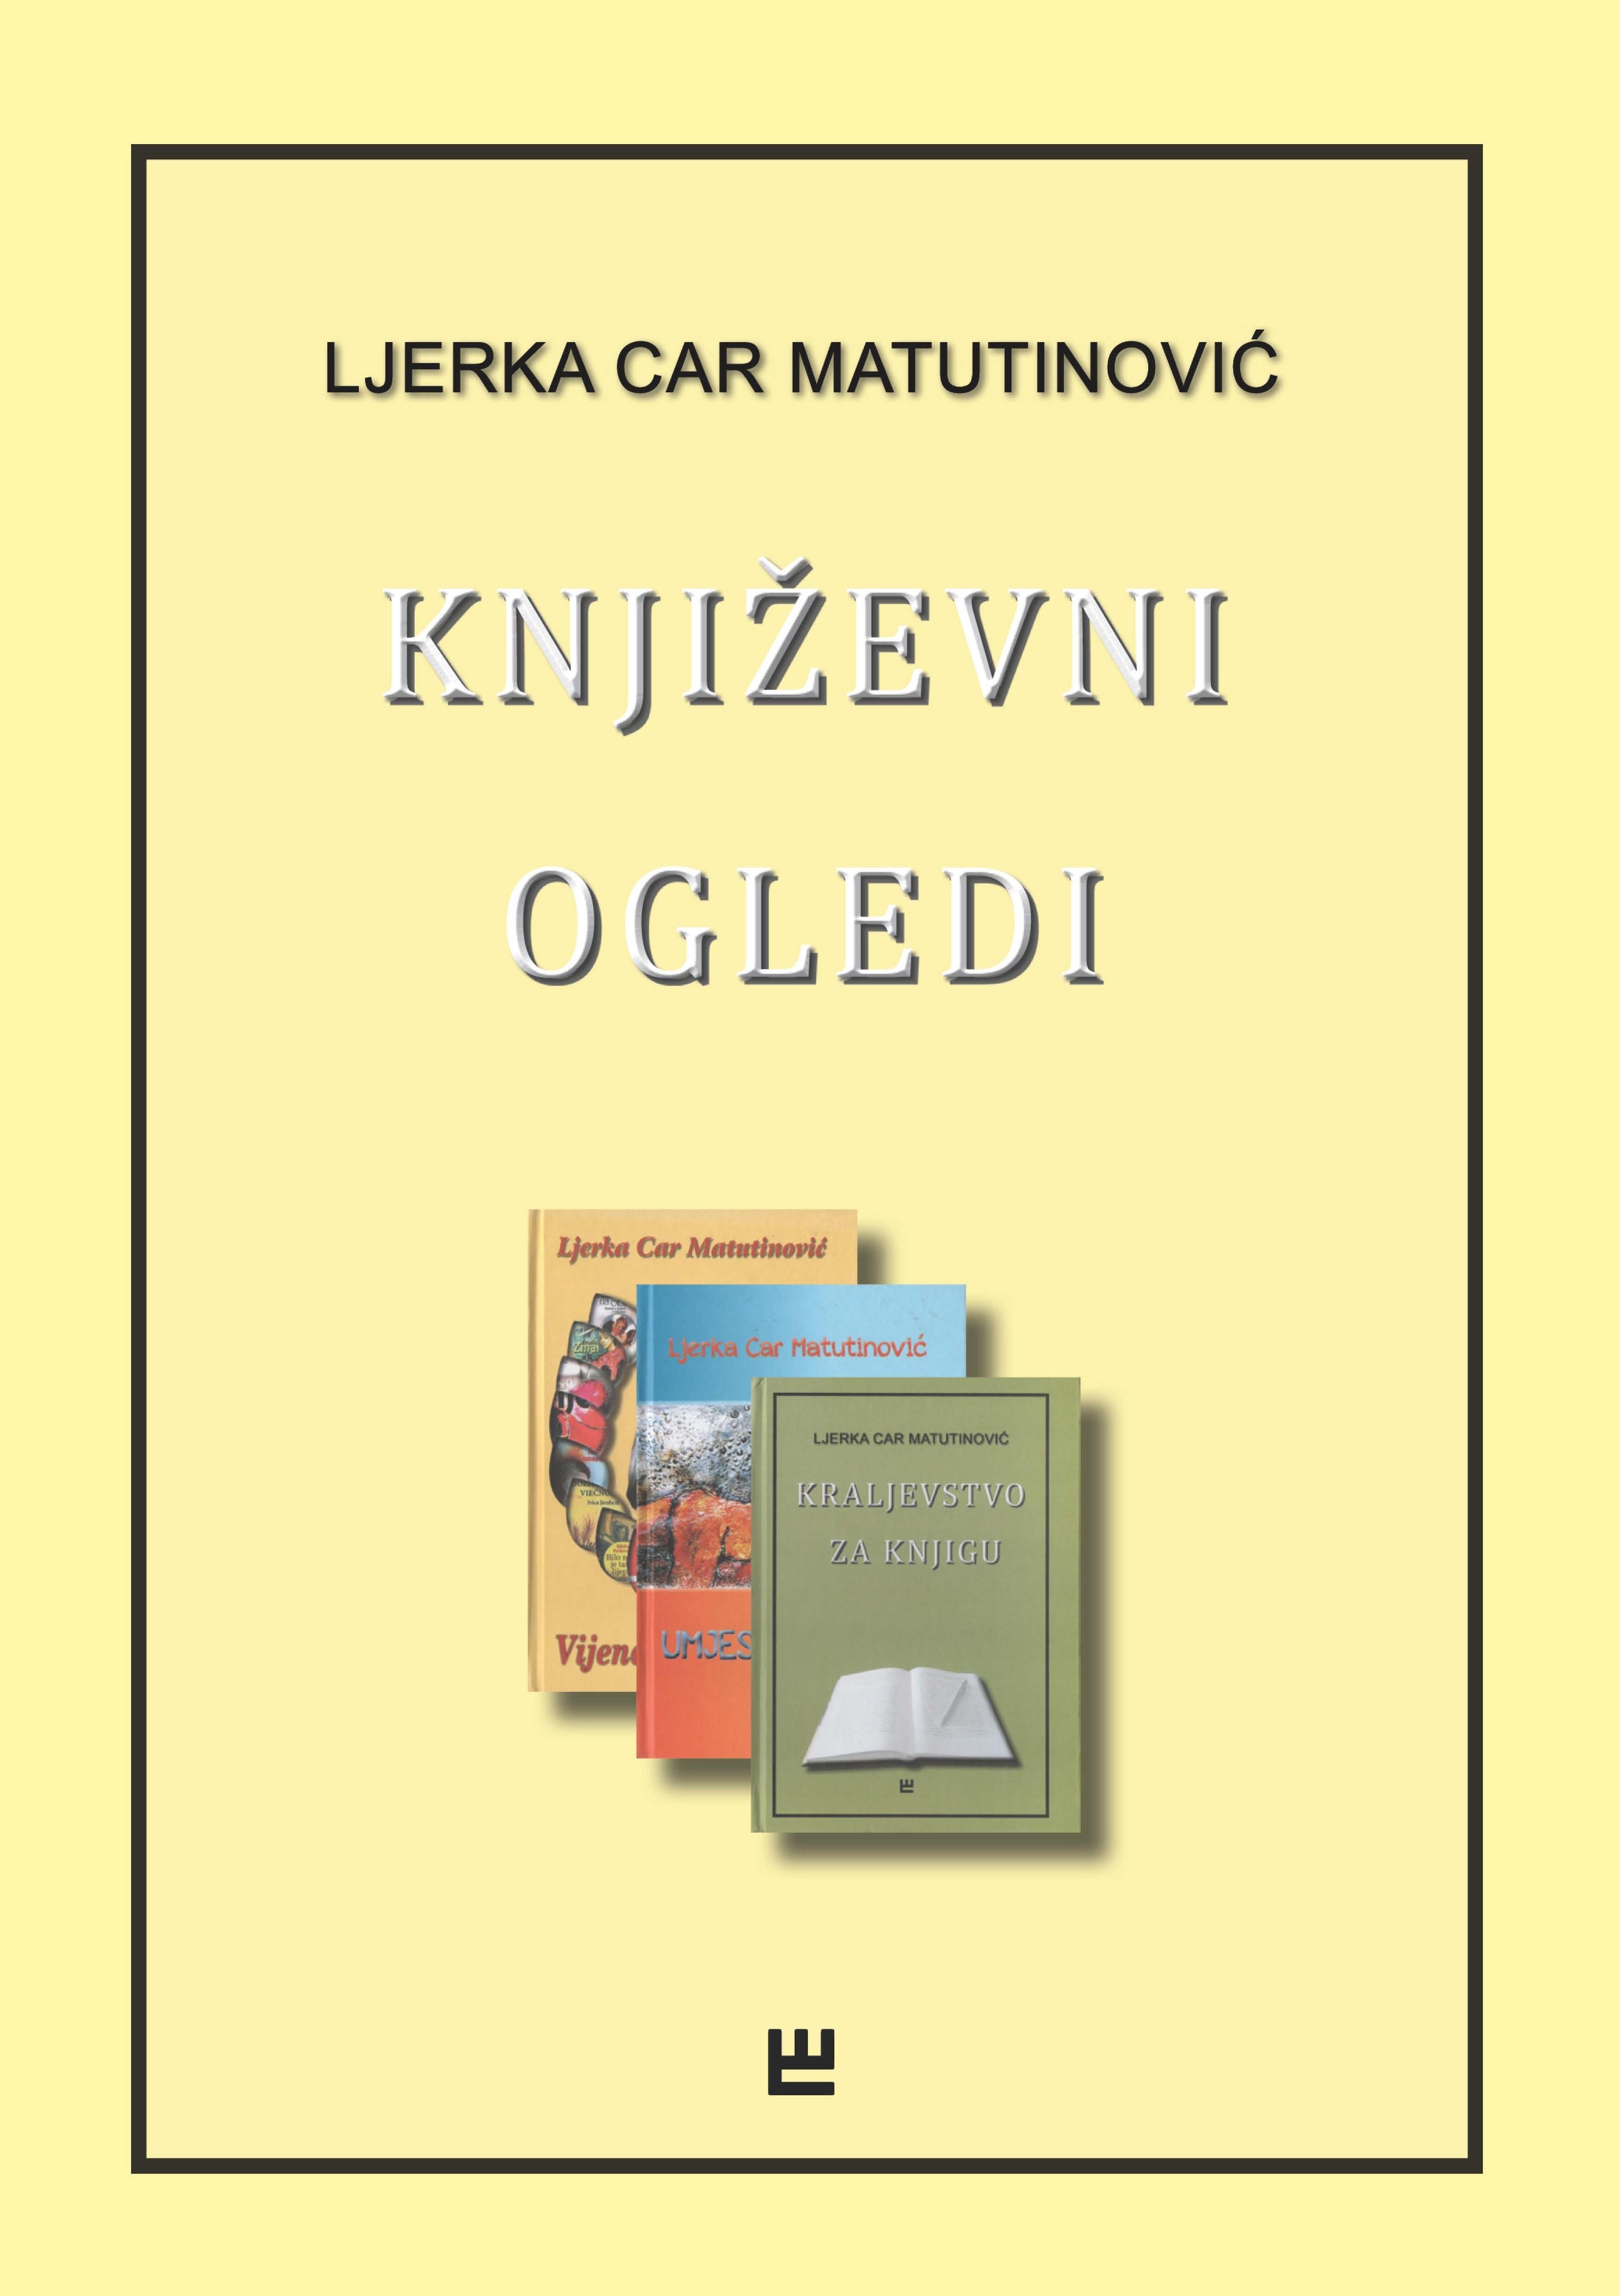 književni ogledi front